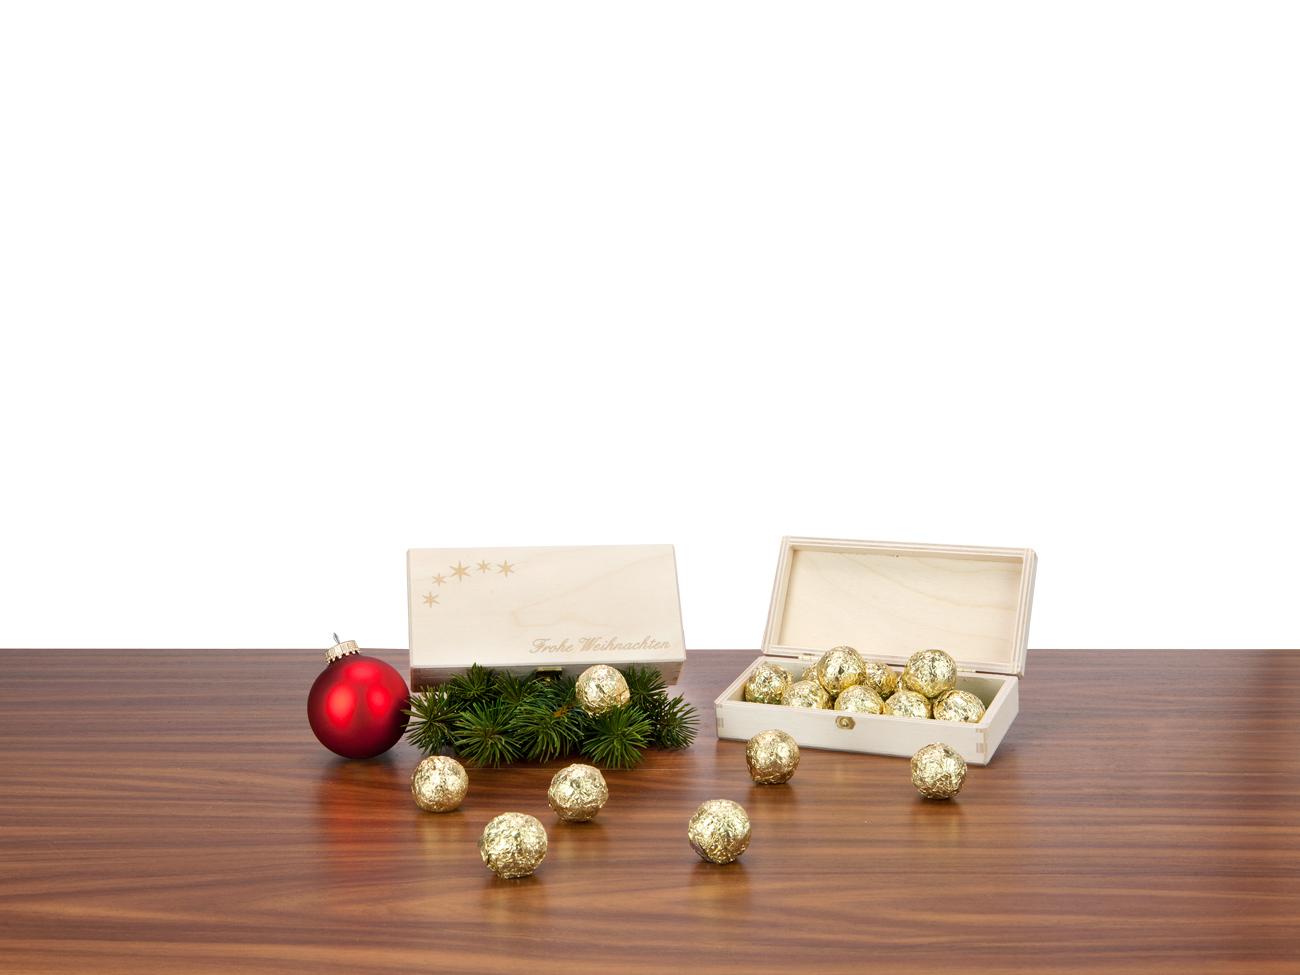 l ngliche tr ffel kiste werbegeschenk zu weihnachten. Black Bedroom Furniture Sets. Home Design Ideas